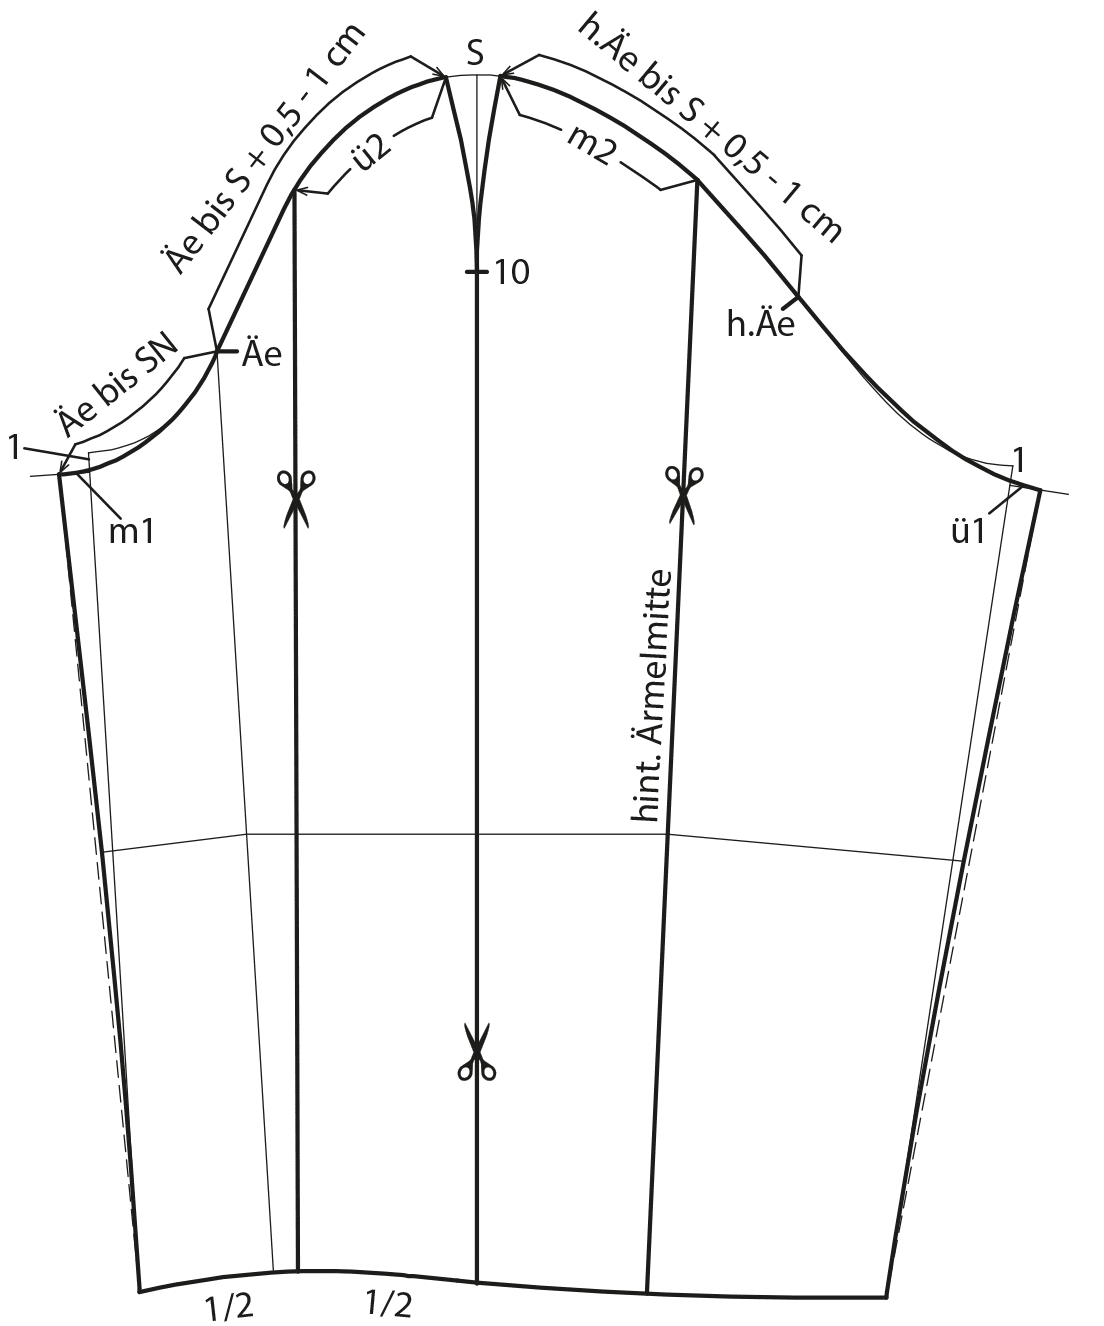 Abgebildet ist die Ärmel Konstruktion für ein Kleid für große Größen.